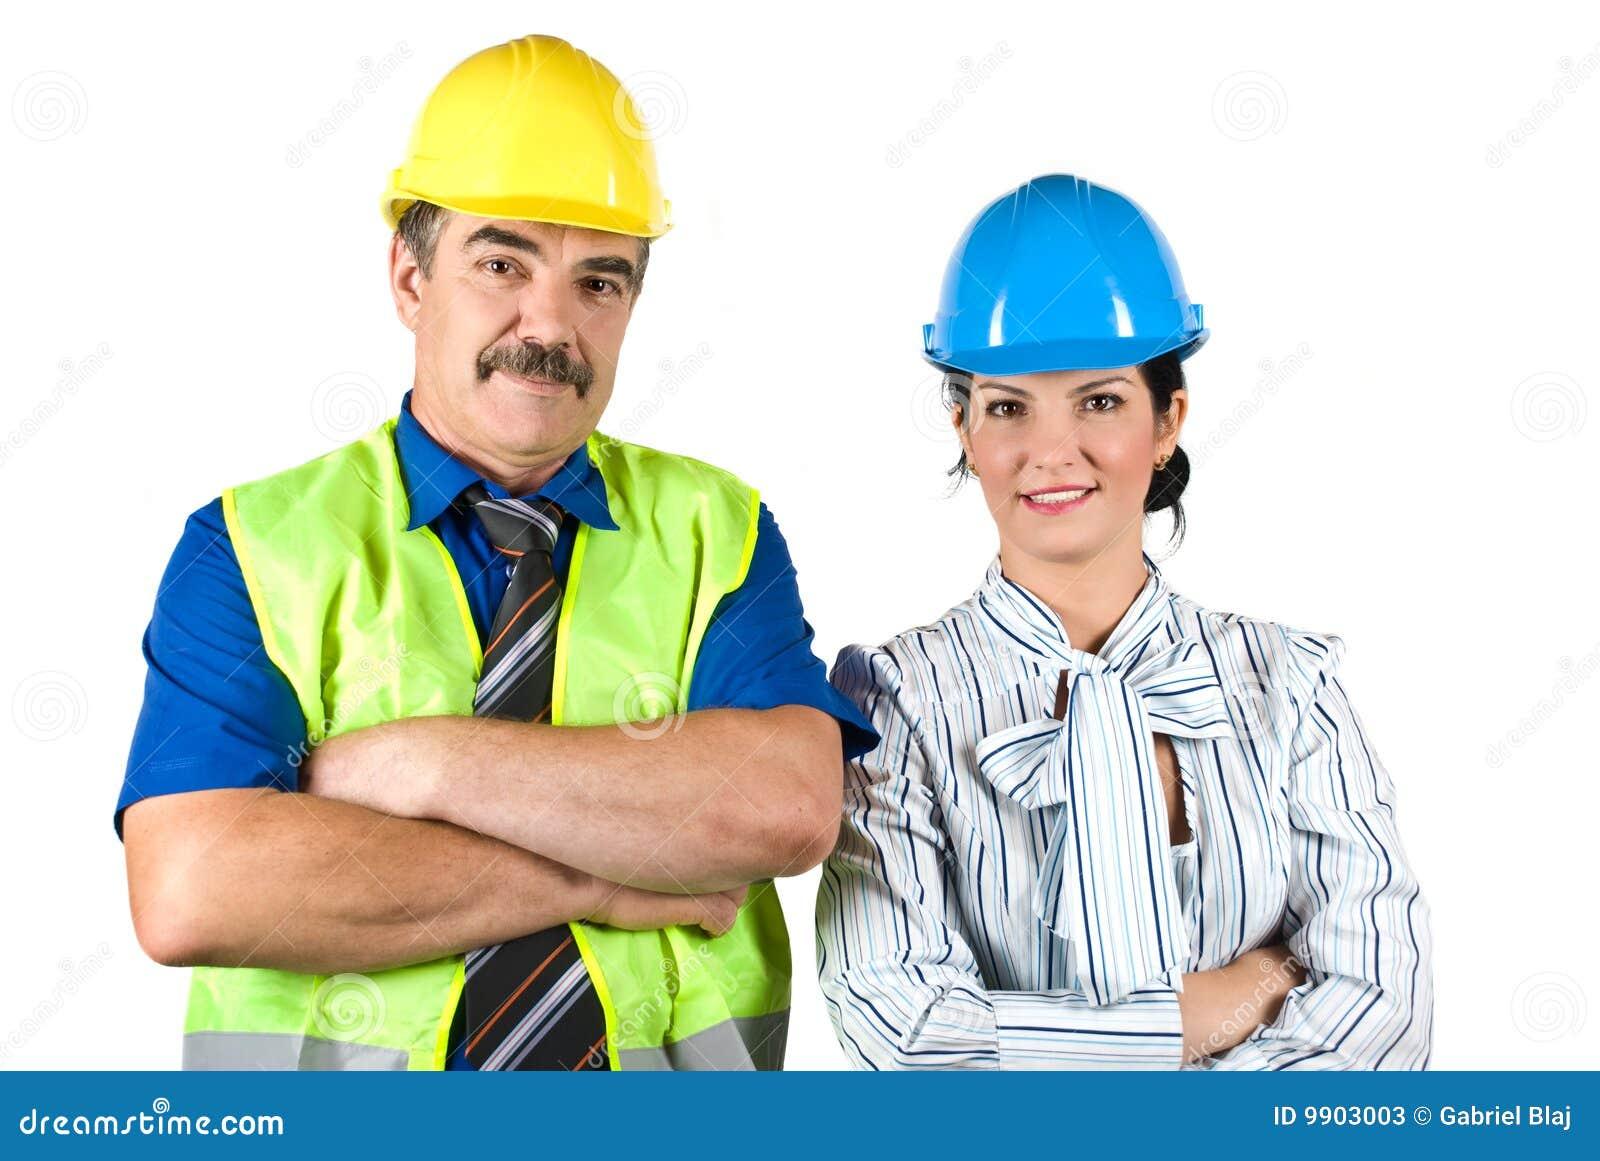 Портрет 2 архитекторов объениняется в команду с трудным шлемом